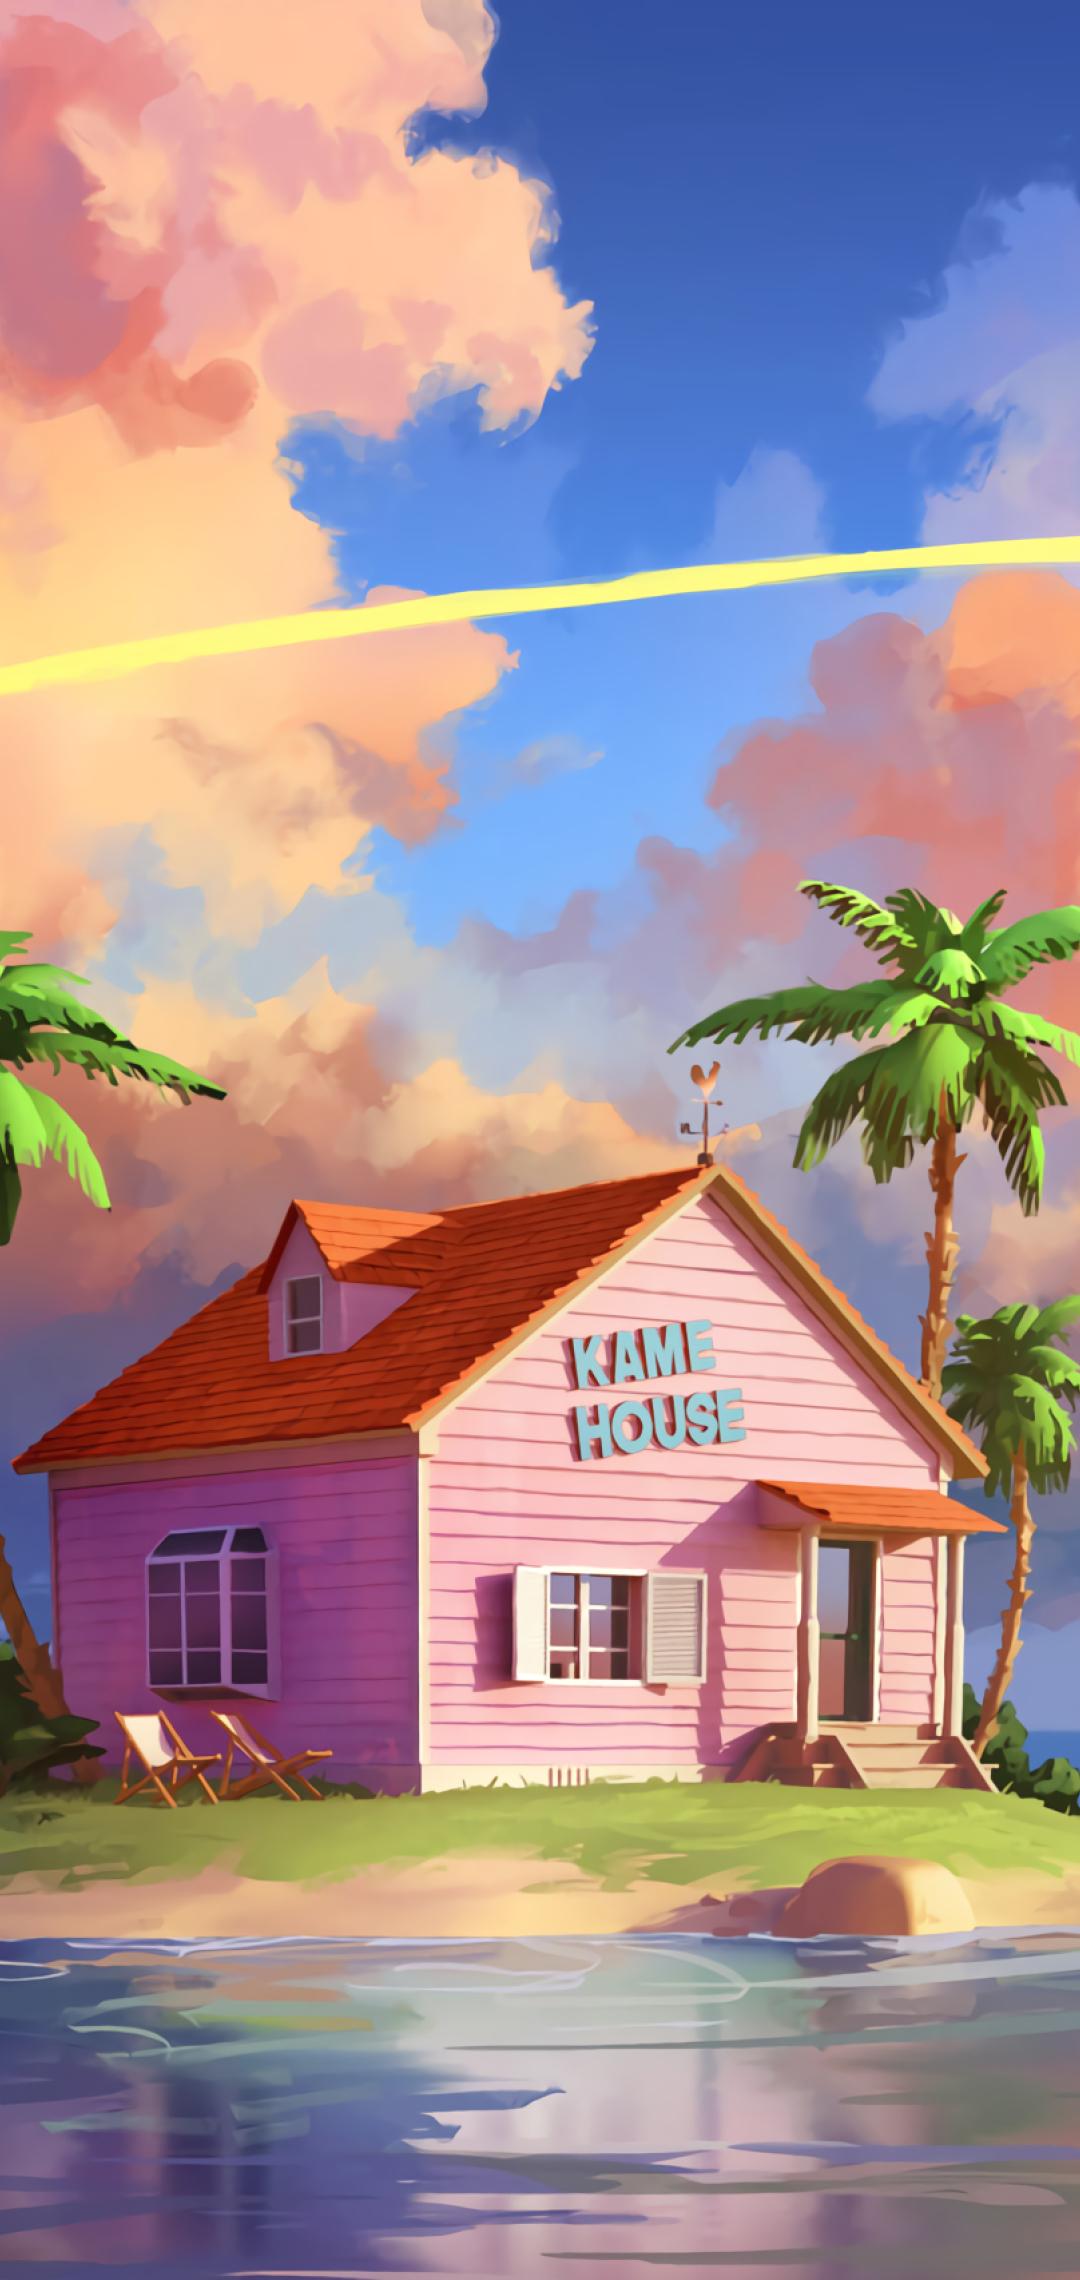 1080x2280 Kame House Dragon Ball Z One Plus 6,Huawei p20 ...